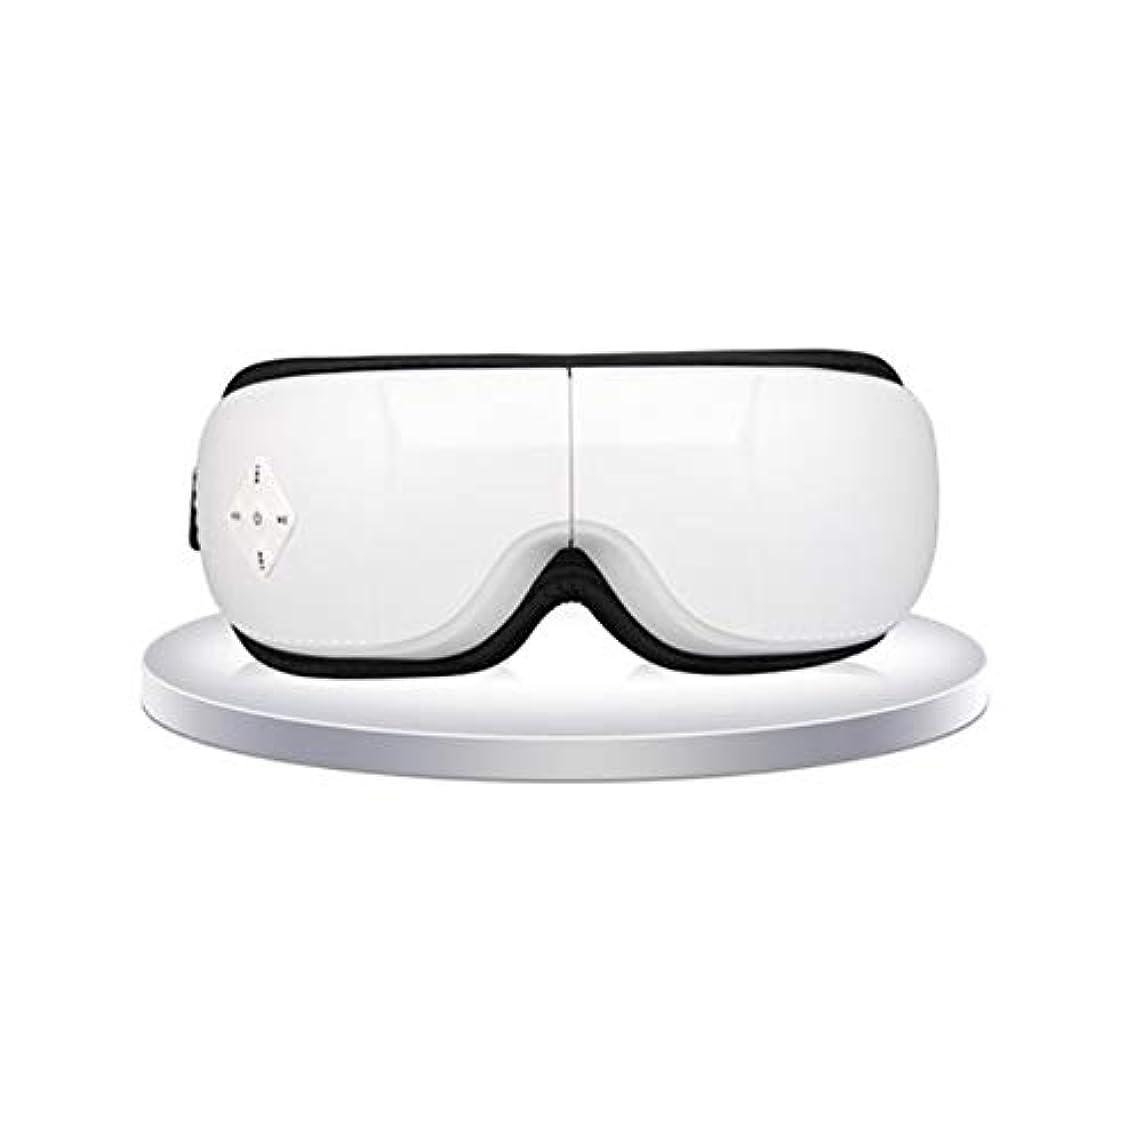 天のクリーム温かいマッサージャーマッサージアイプロテクターホットアイマスク疲労緩和マッサージ (色 : 白)